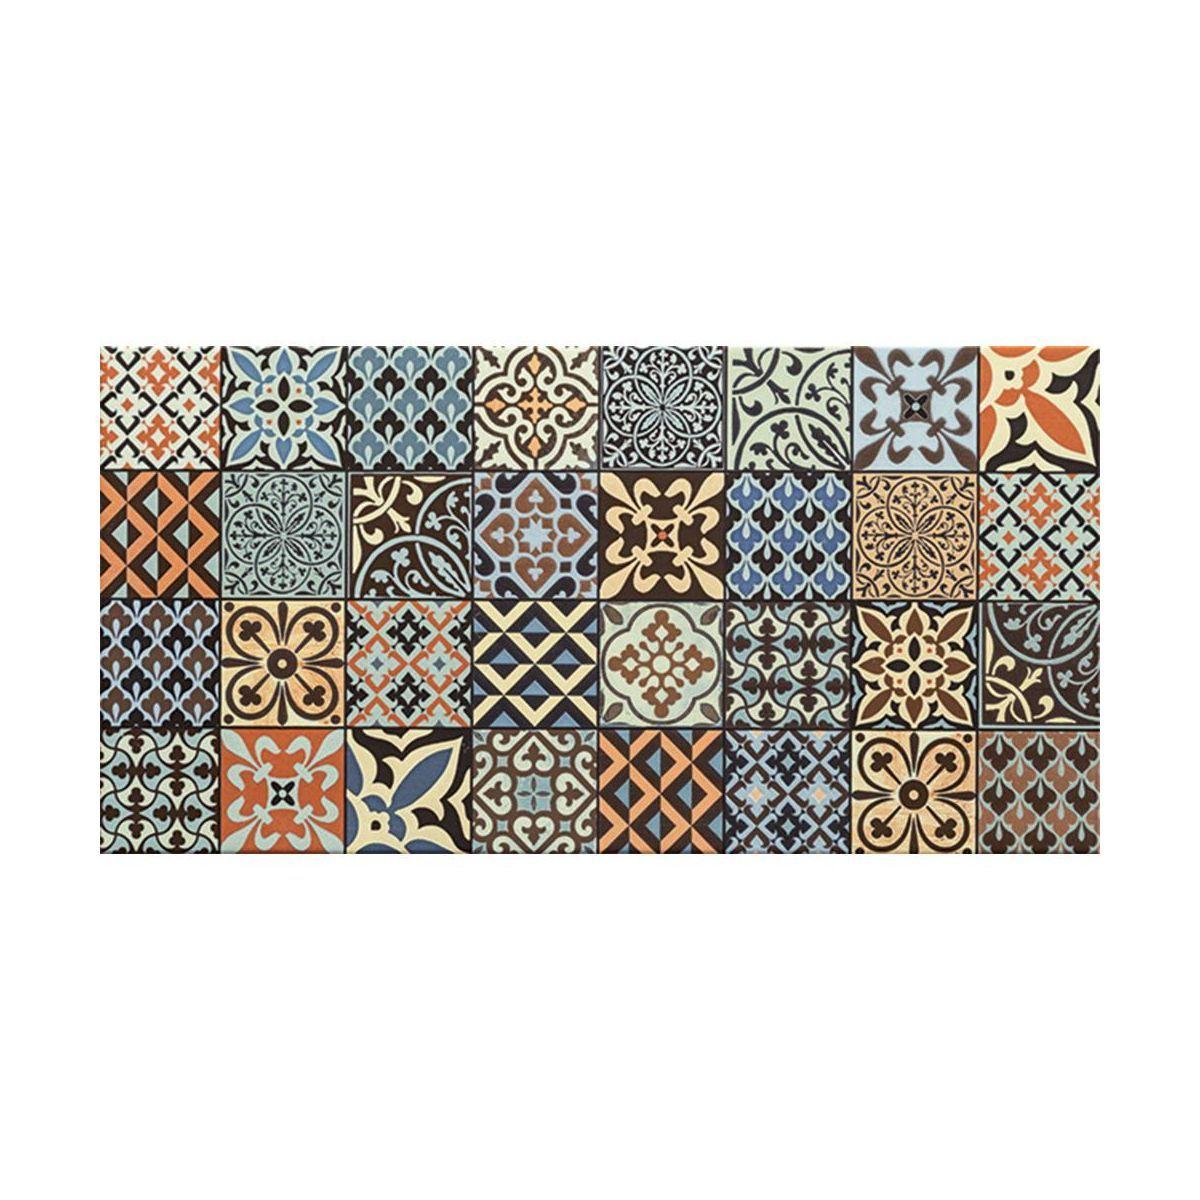 Glazura Velvetia Patch B Str 30 8 X 60 8 Arte Plytki Lazienkowe W Atrakcyjnej Cenie W Sklepach Leroy Merlin Patches 60th